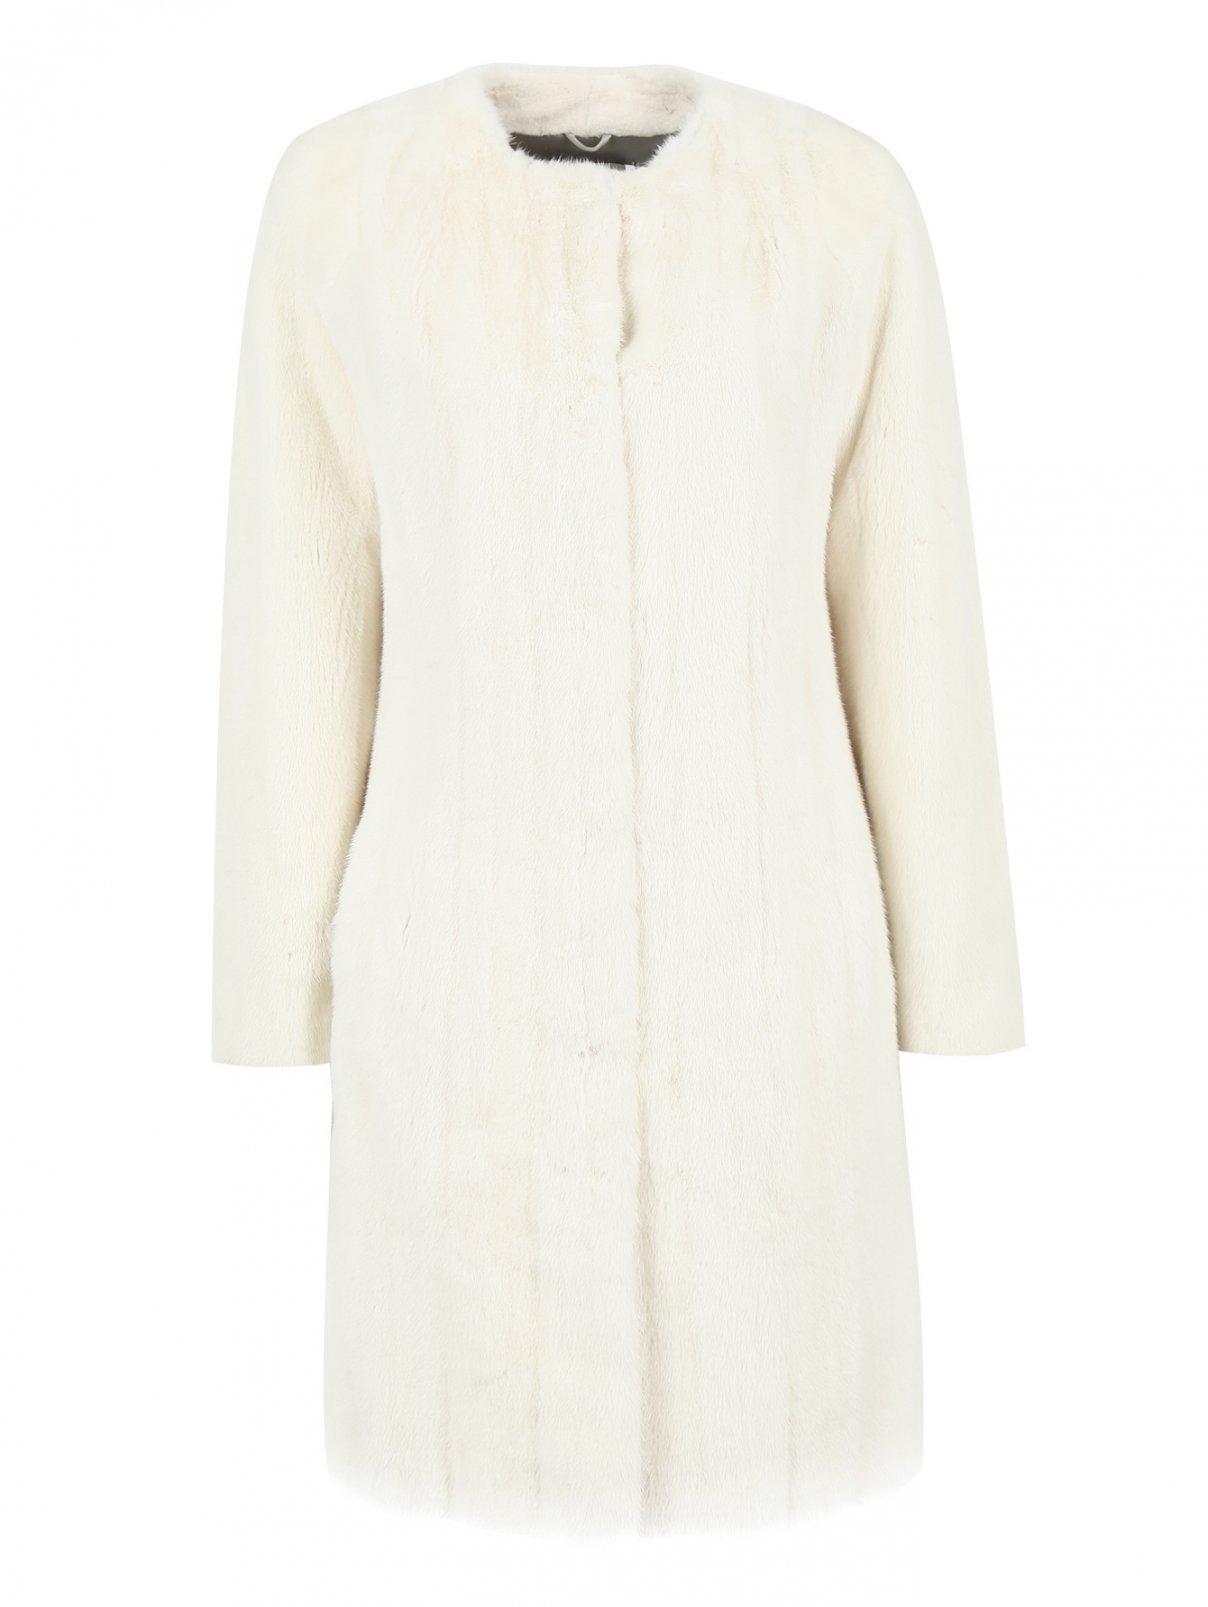 Шуба из меха норки с карманами Yves Salomon  –  Общий вид  – Цвет:  Белый